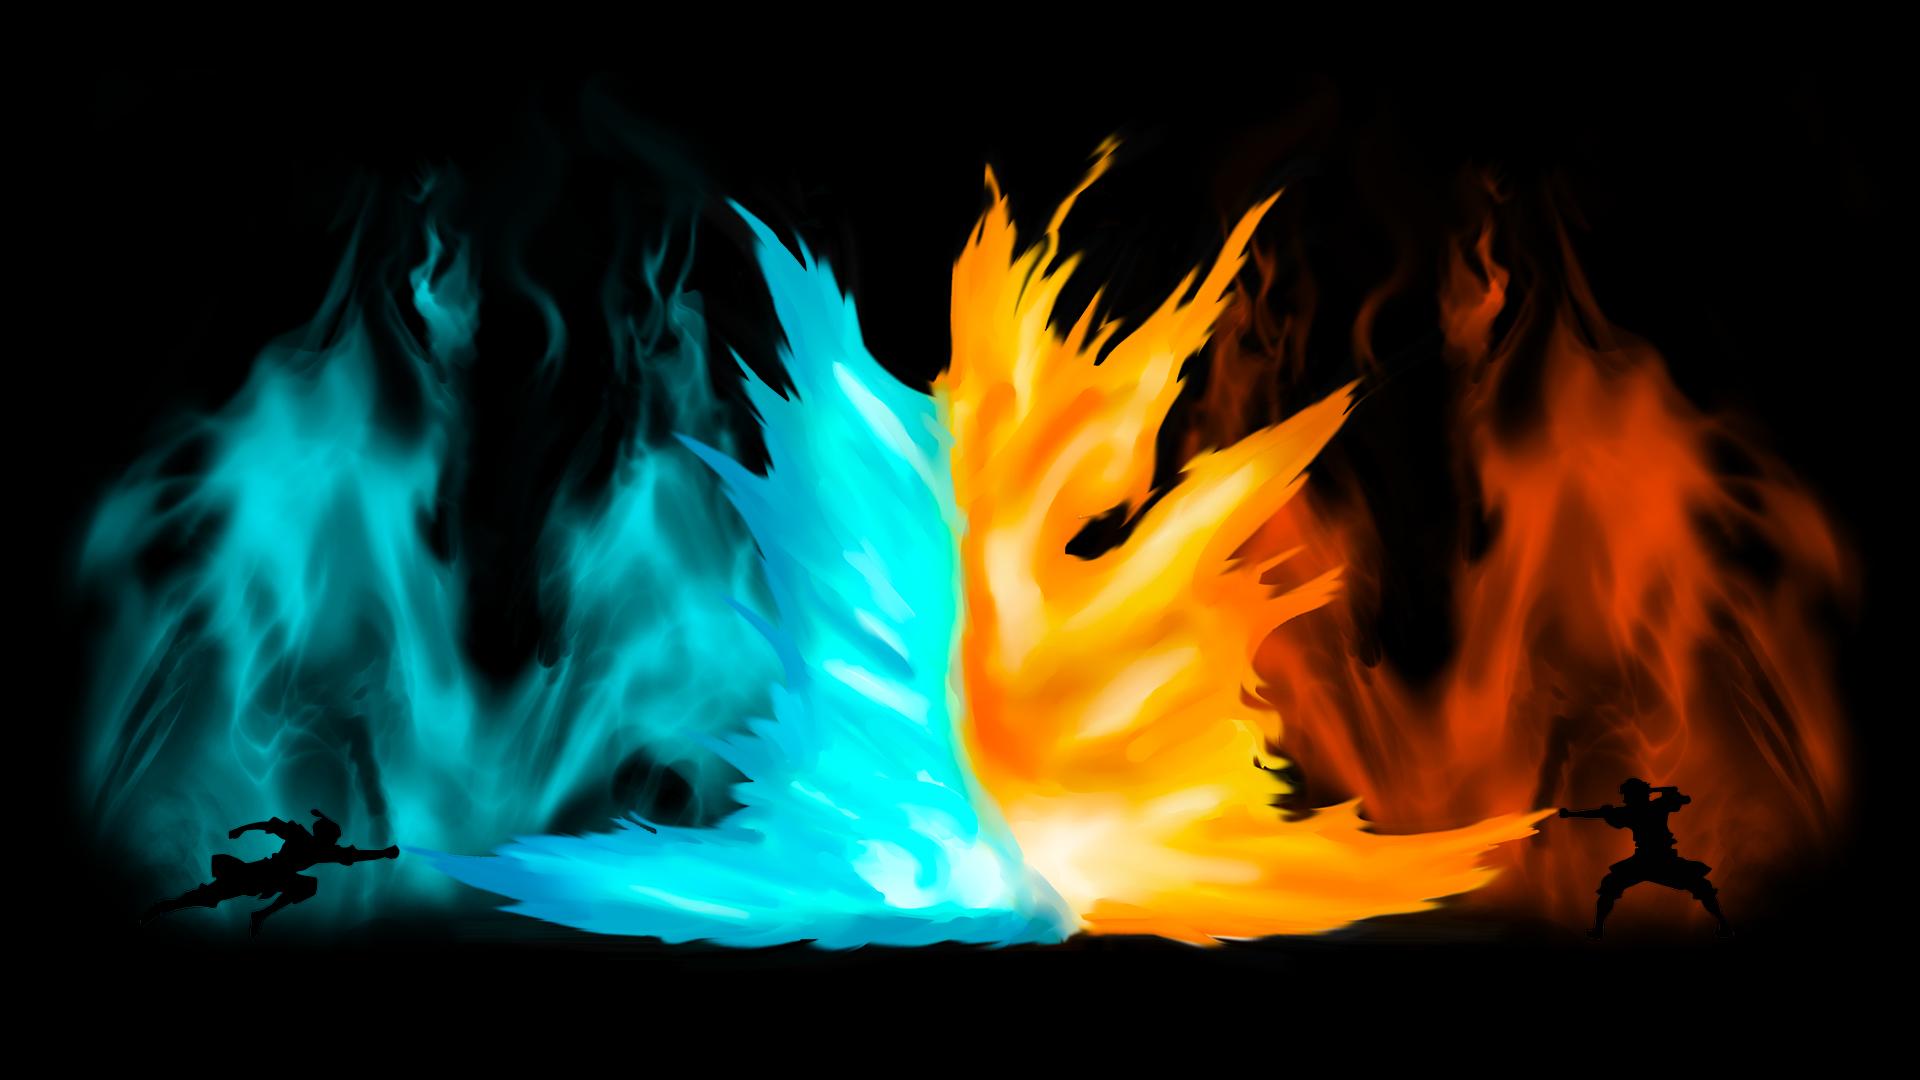 Avatar Agni Kai Zuko Vs Azula Shirt Wallpaper By